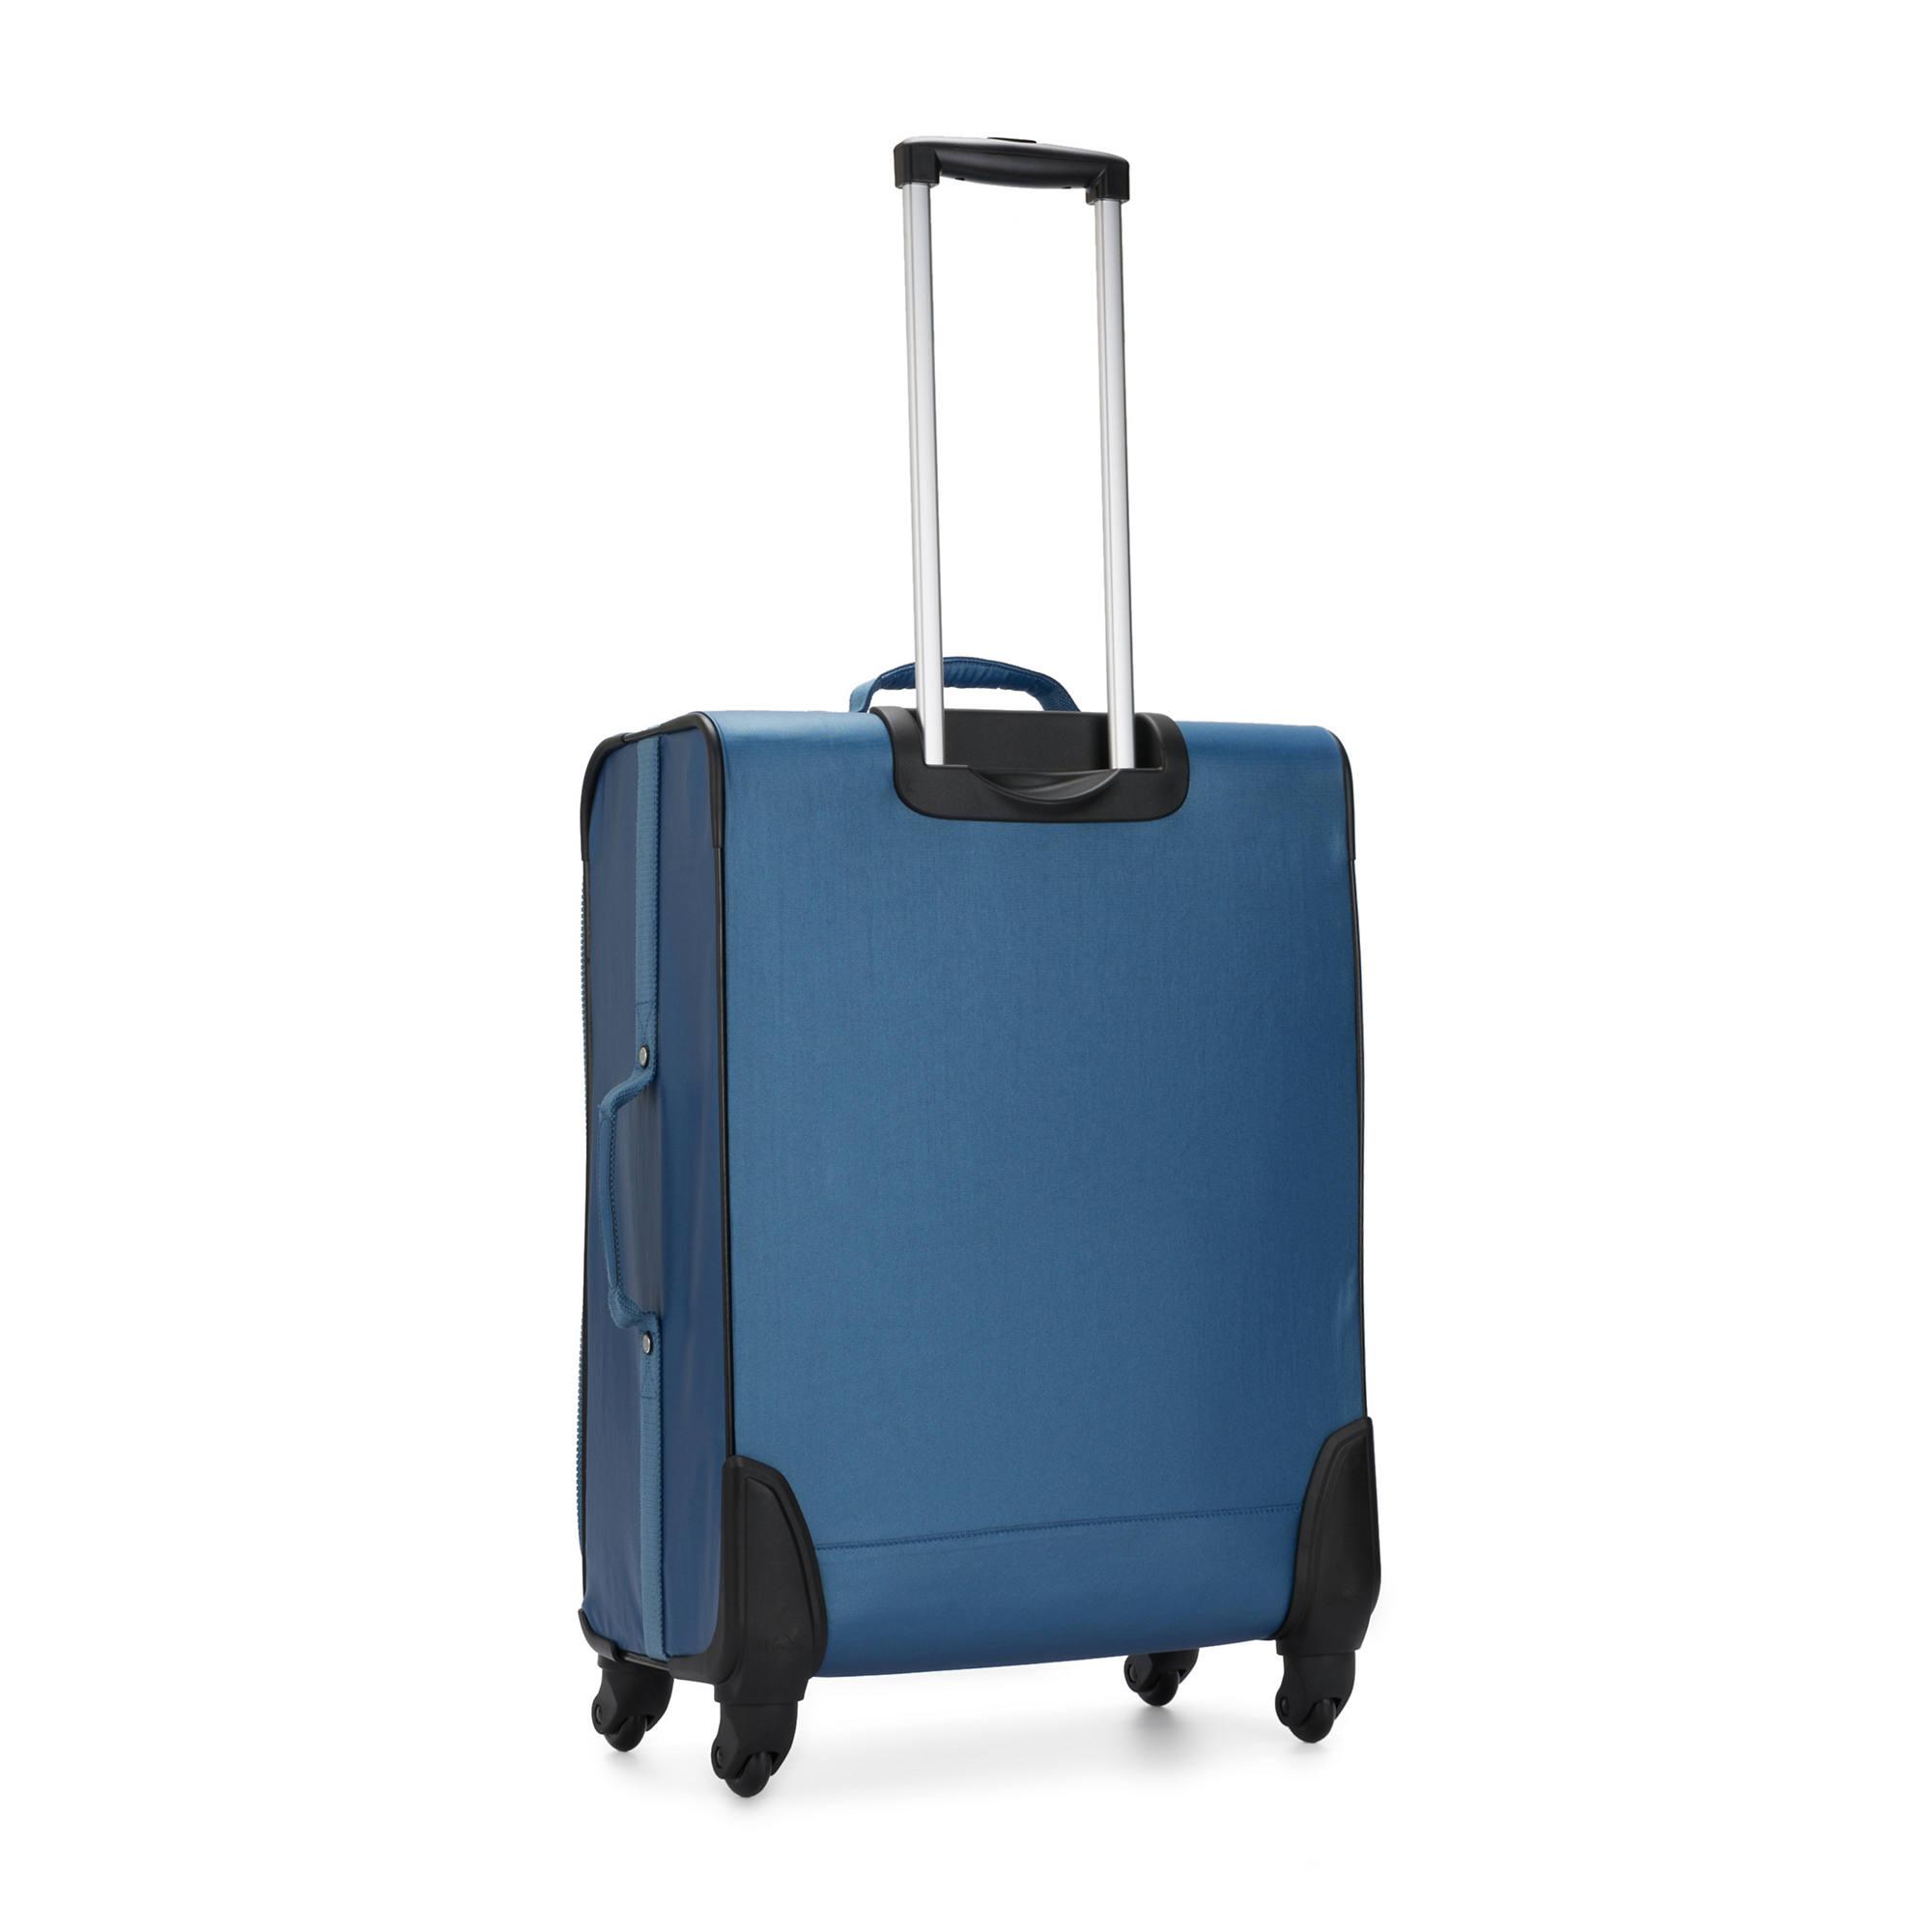 thumbnail 10 - Kipling Parker Medium Metallic Rolling Luggage